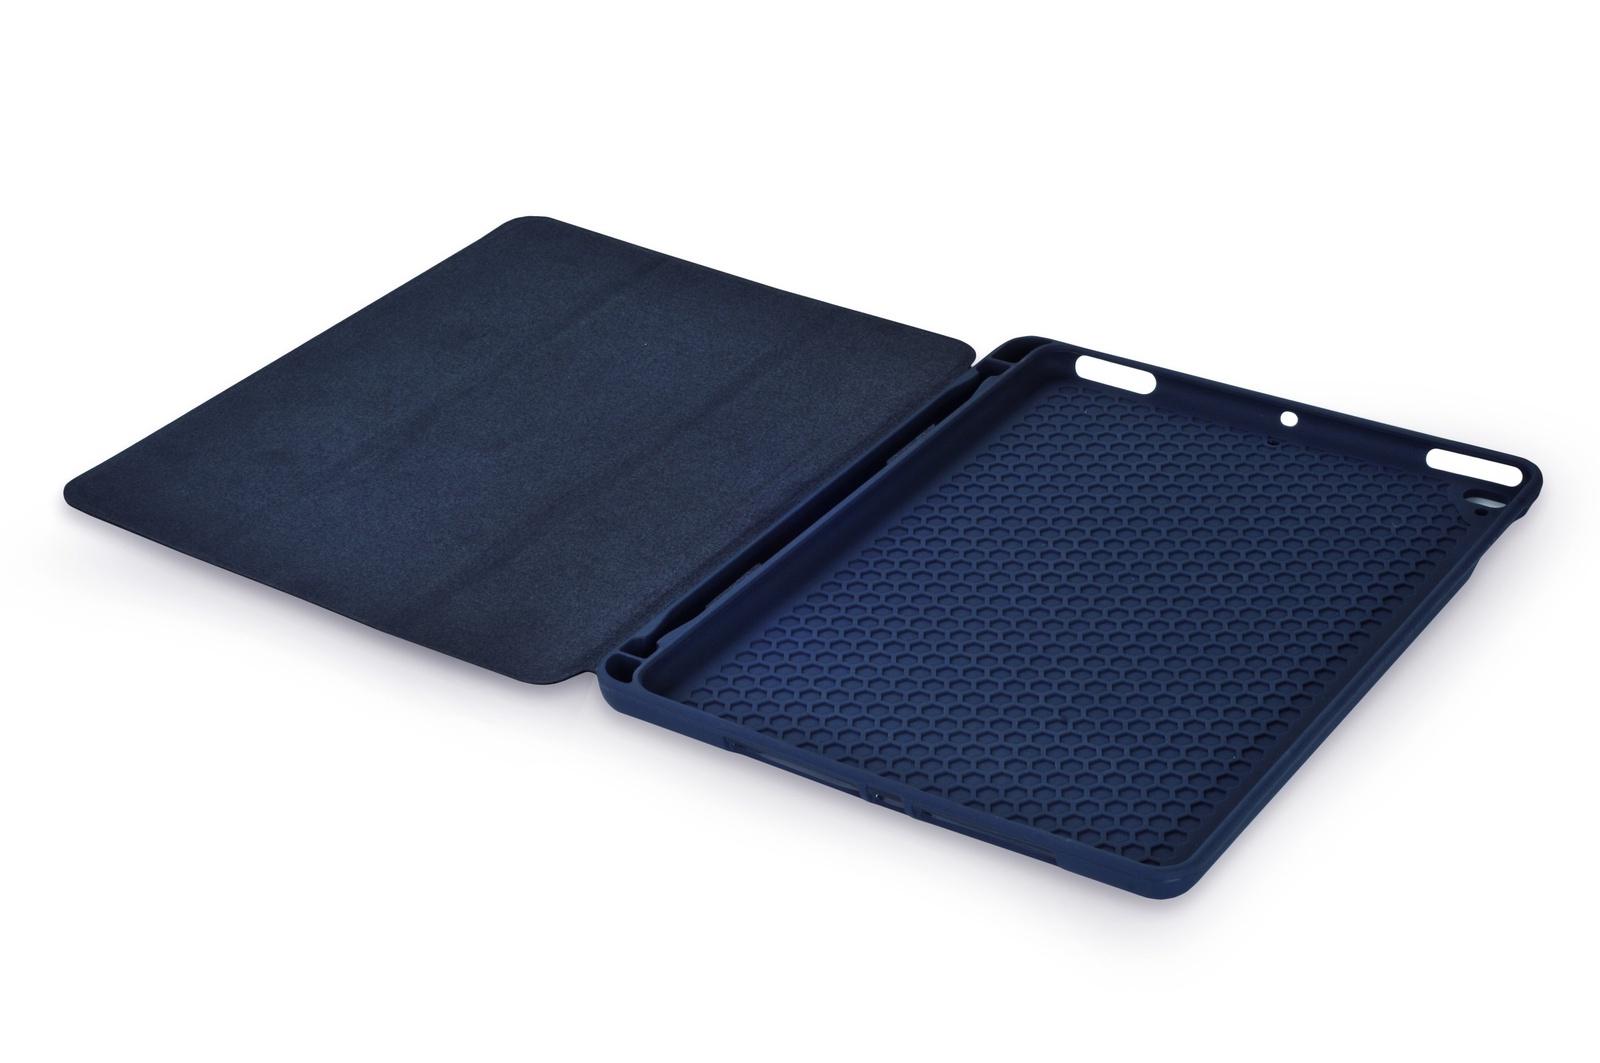 """Чехол для планшета Gurdini Leather Series (pen slot) 907380 для Apple iPad Pro 2017 10.5"""", темно-синий"""